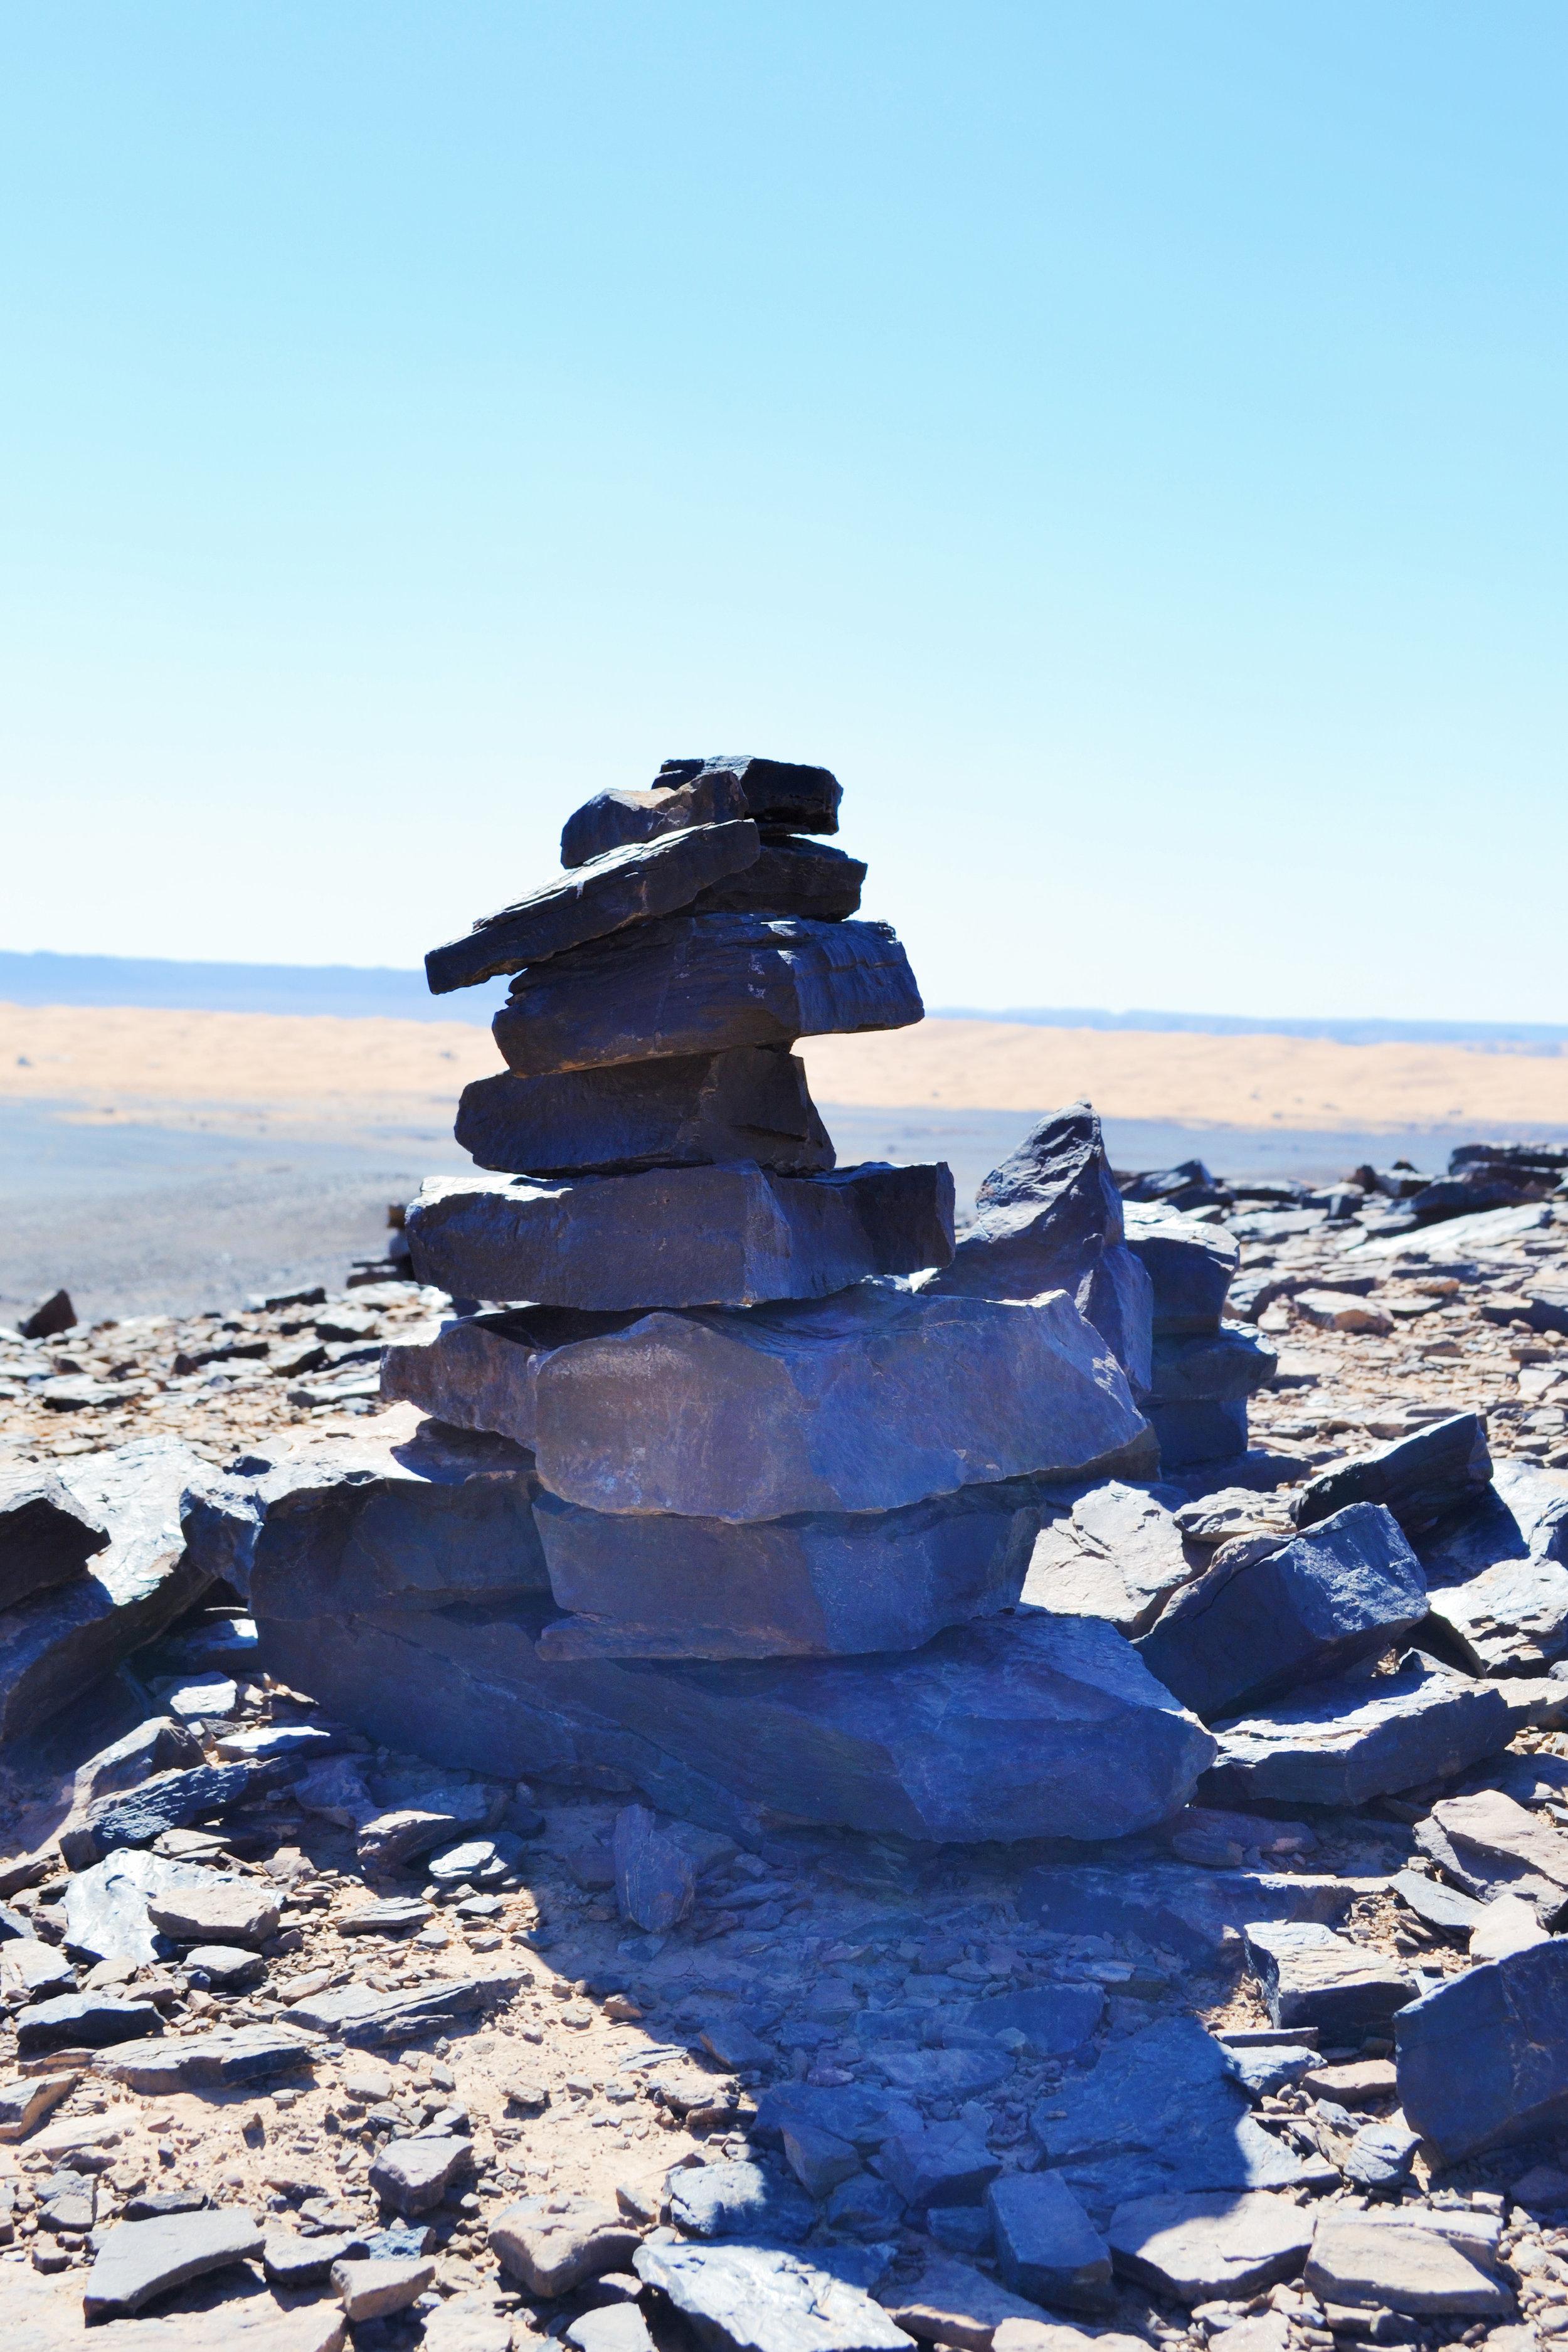 rock structures in desert hills